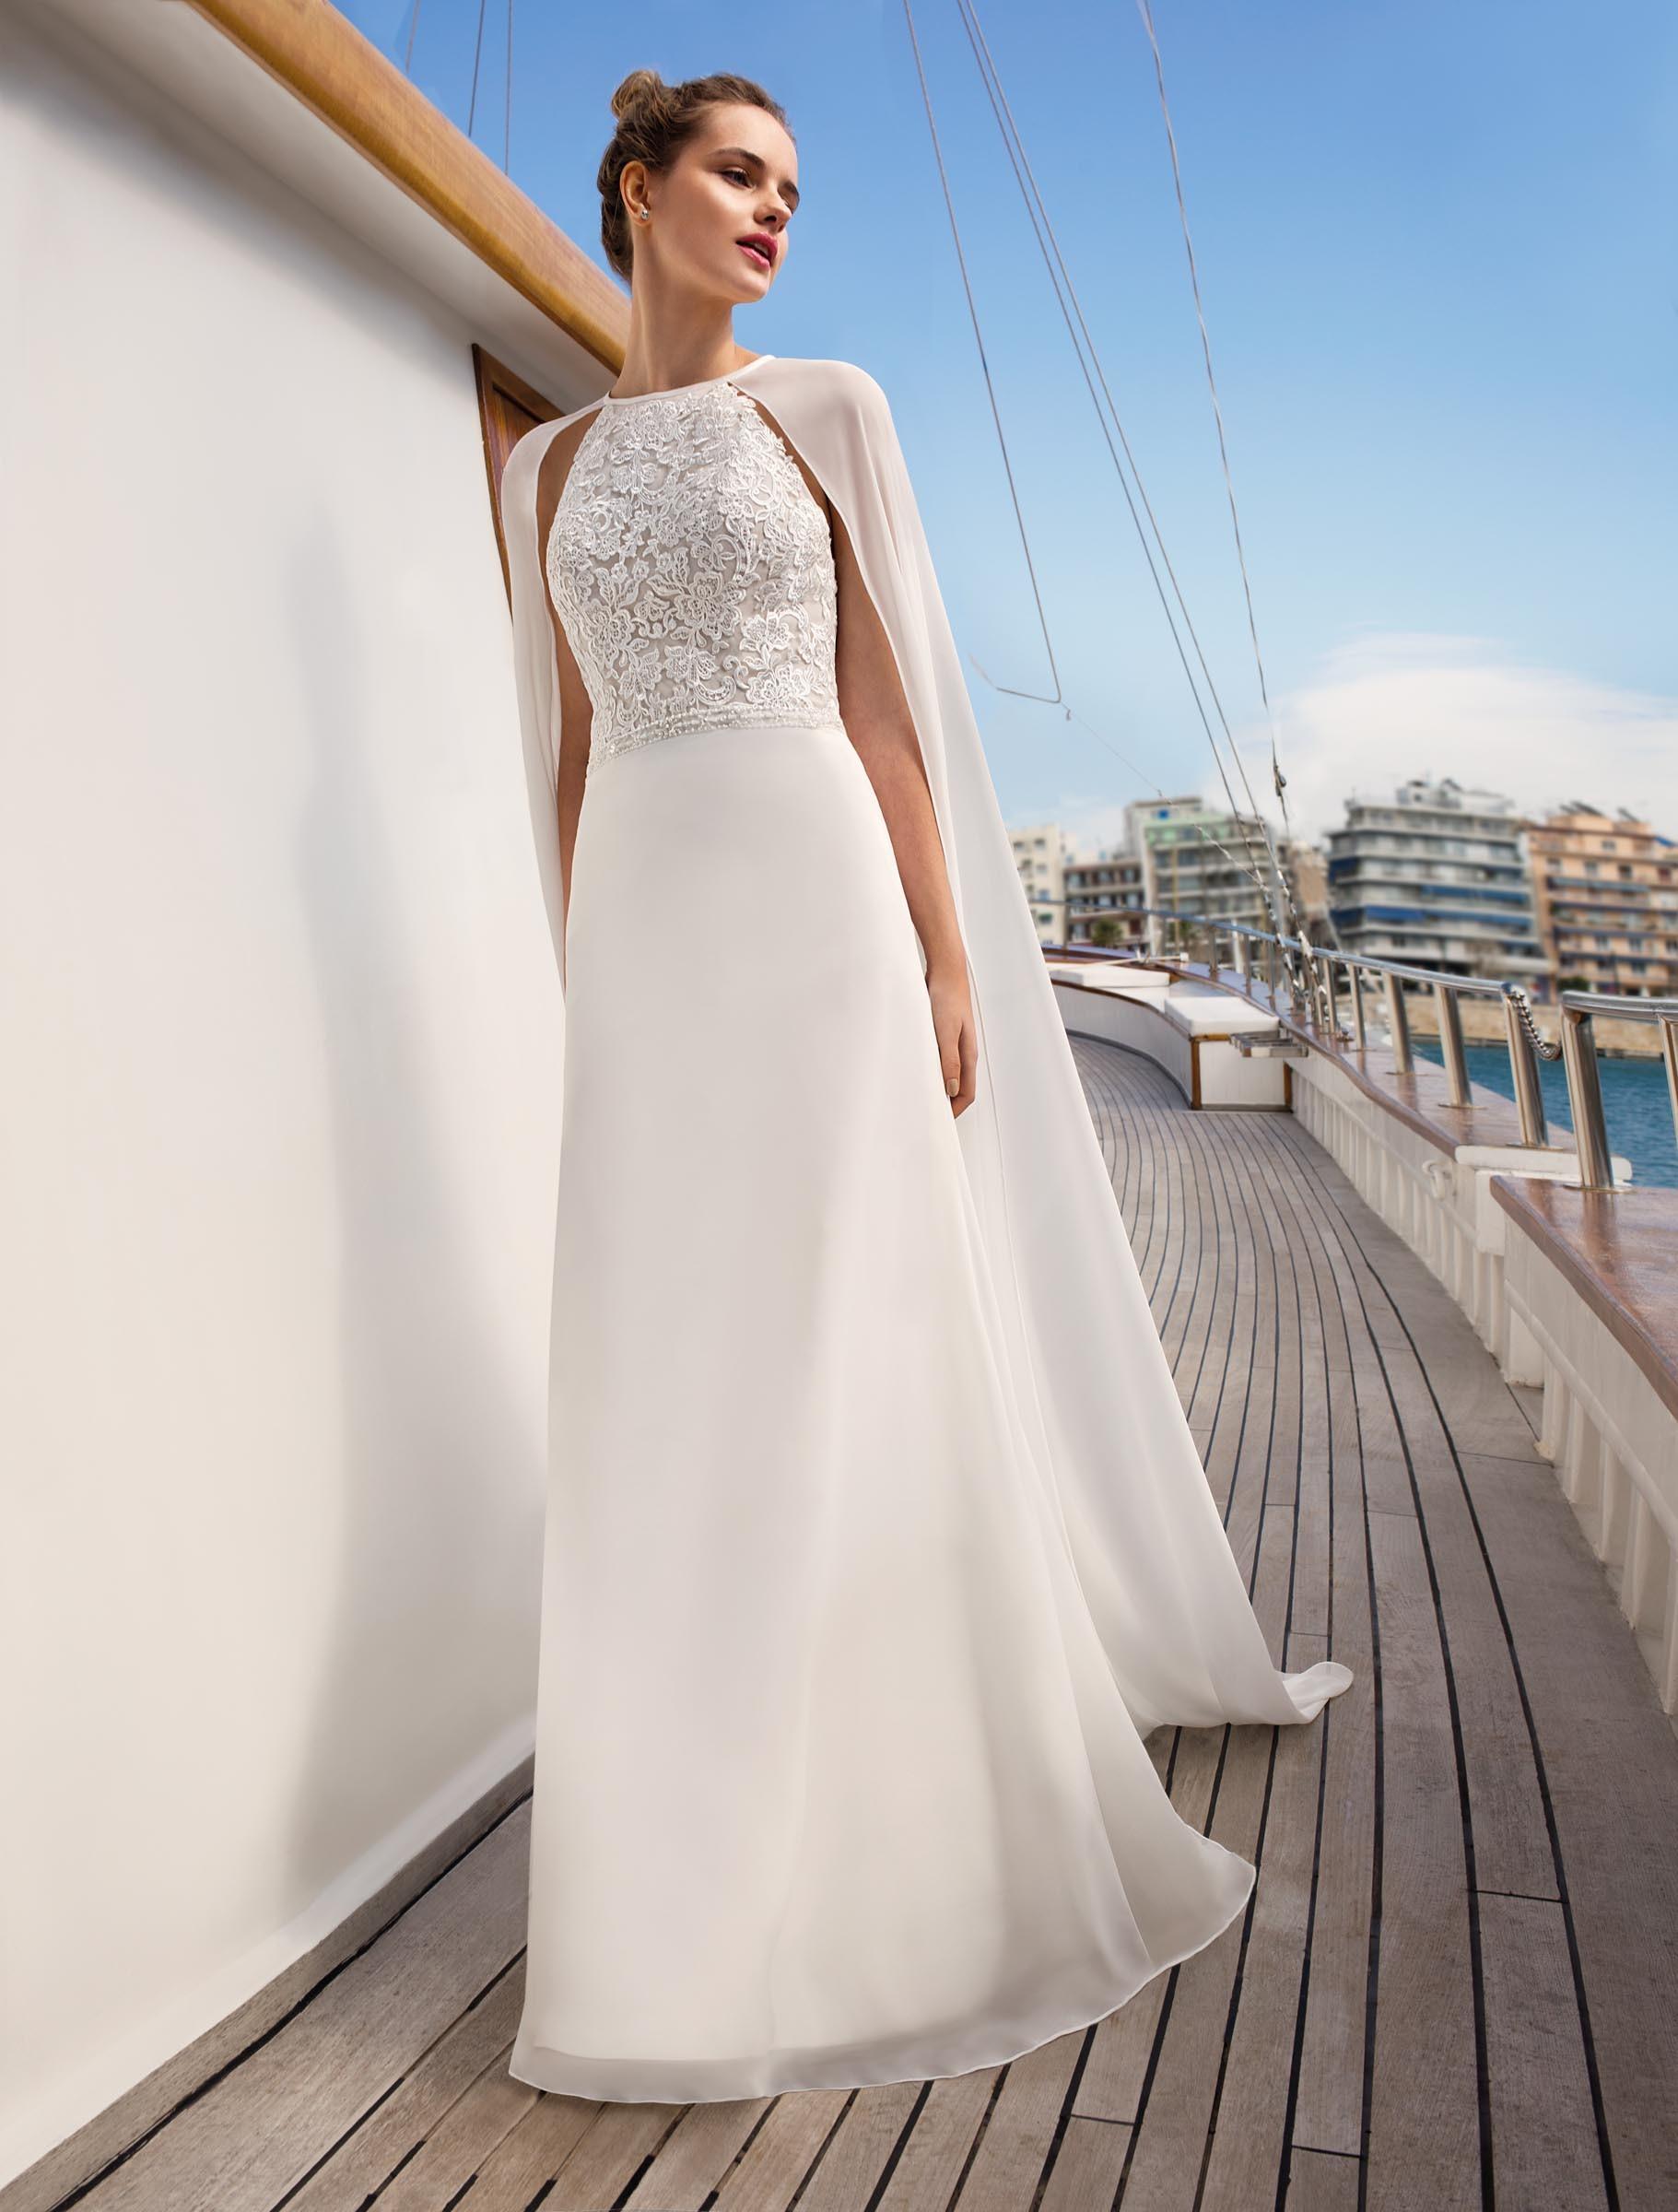 Brautkleider  Die schönsten Kleider & Trends 20 entdecken ❤